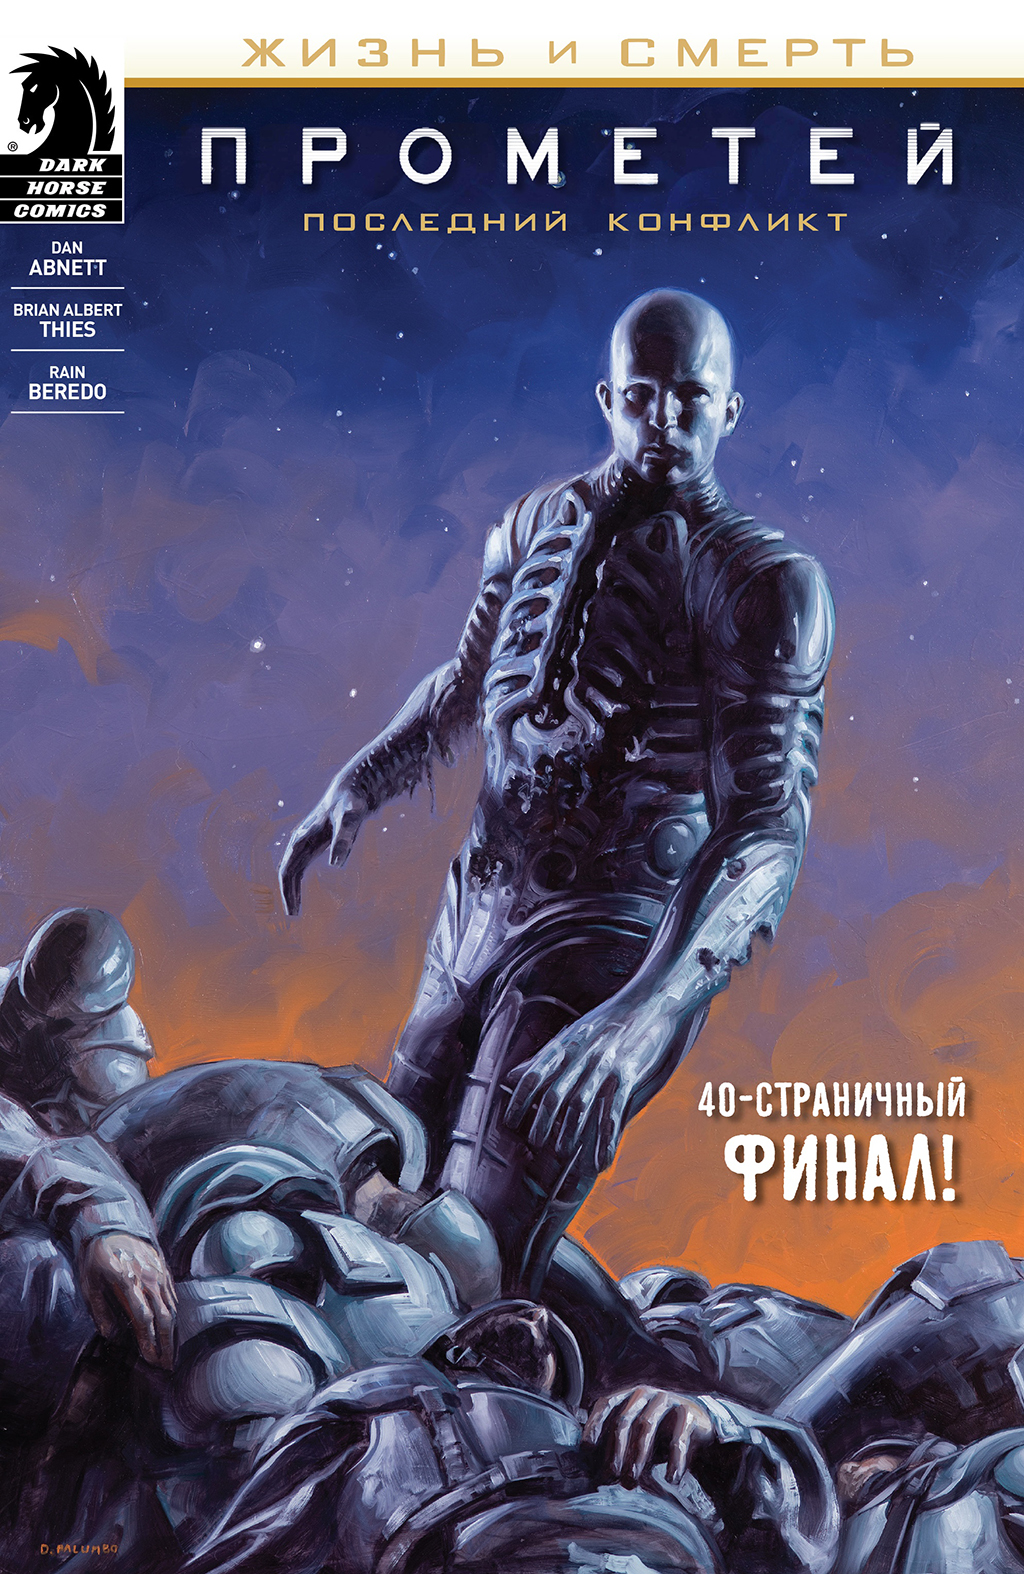 Комикс Жизнь и Смерть - Прометей: Последний конфликт